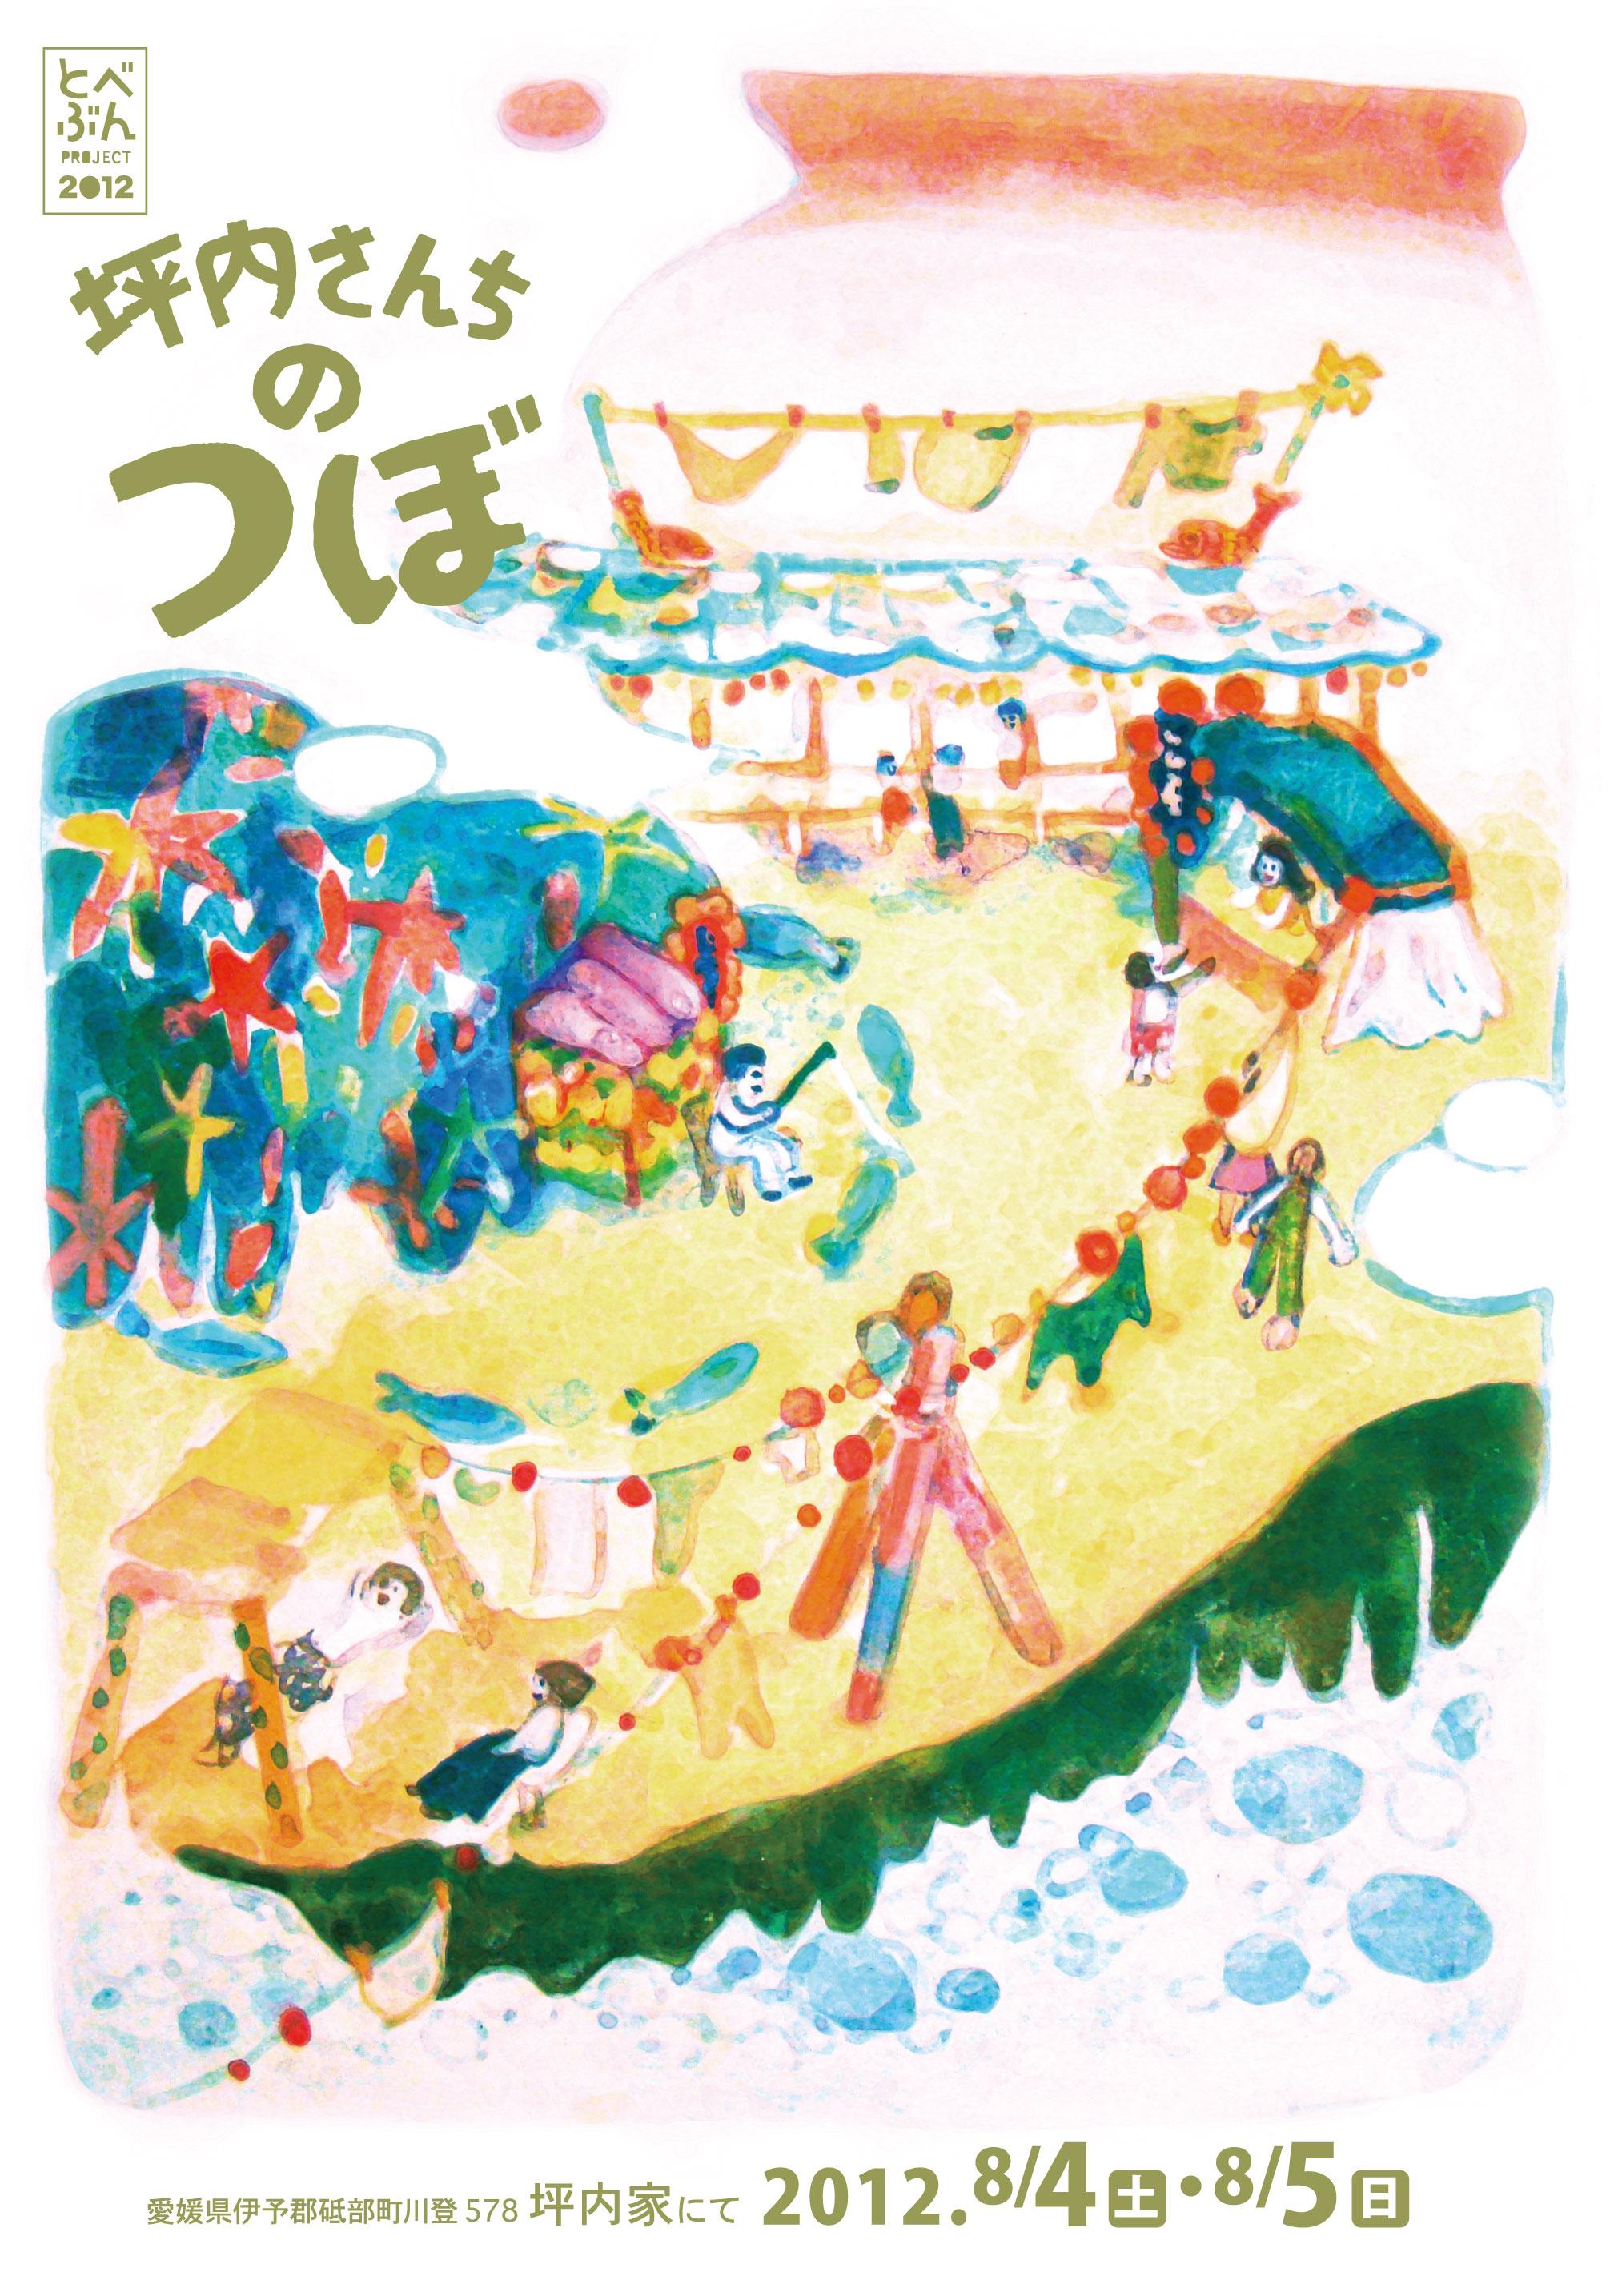 8/4,5 とべぶんプロジェクト2012『坪内さんちのつぼ』